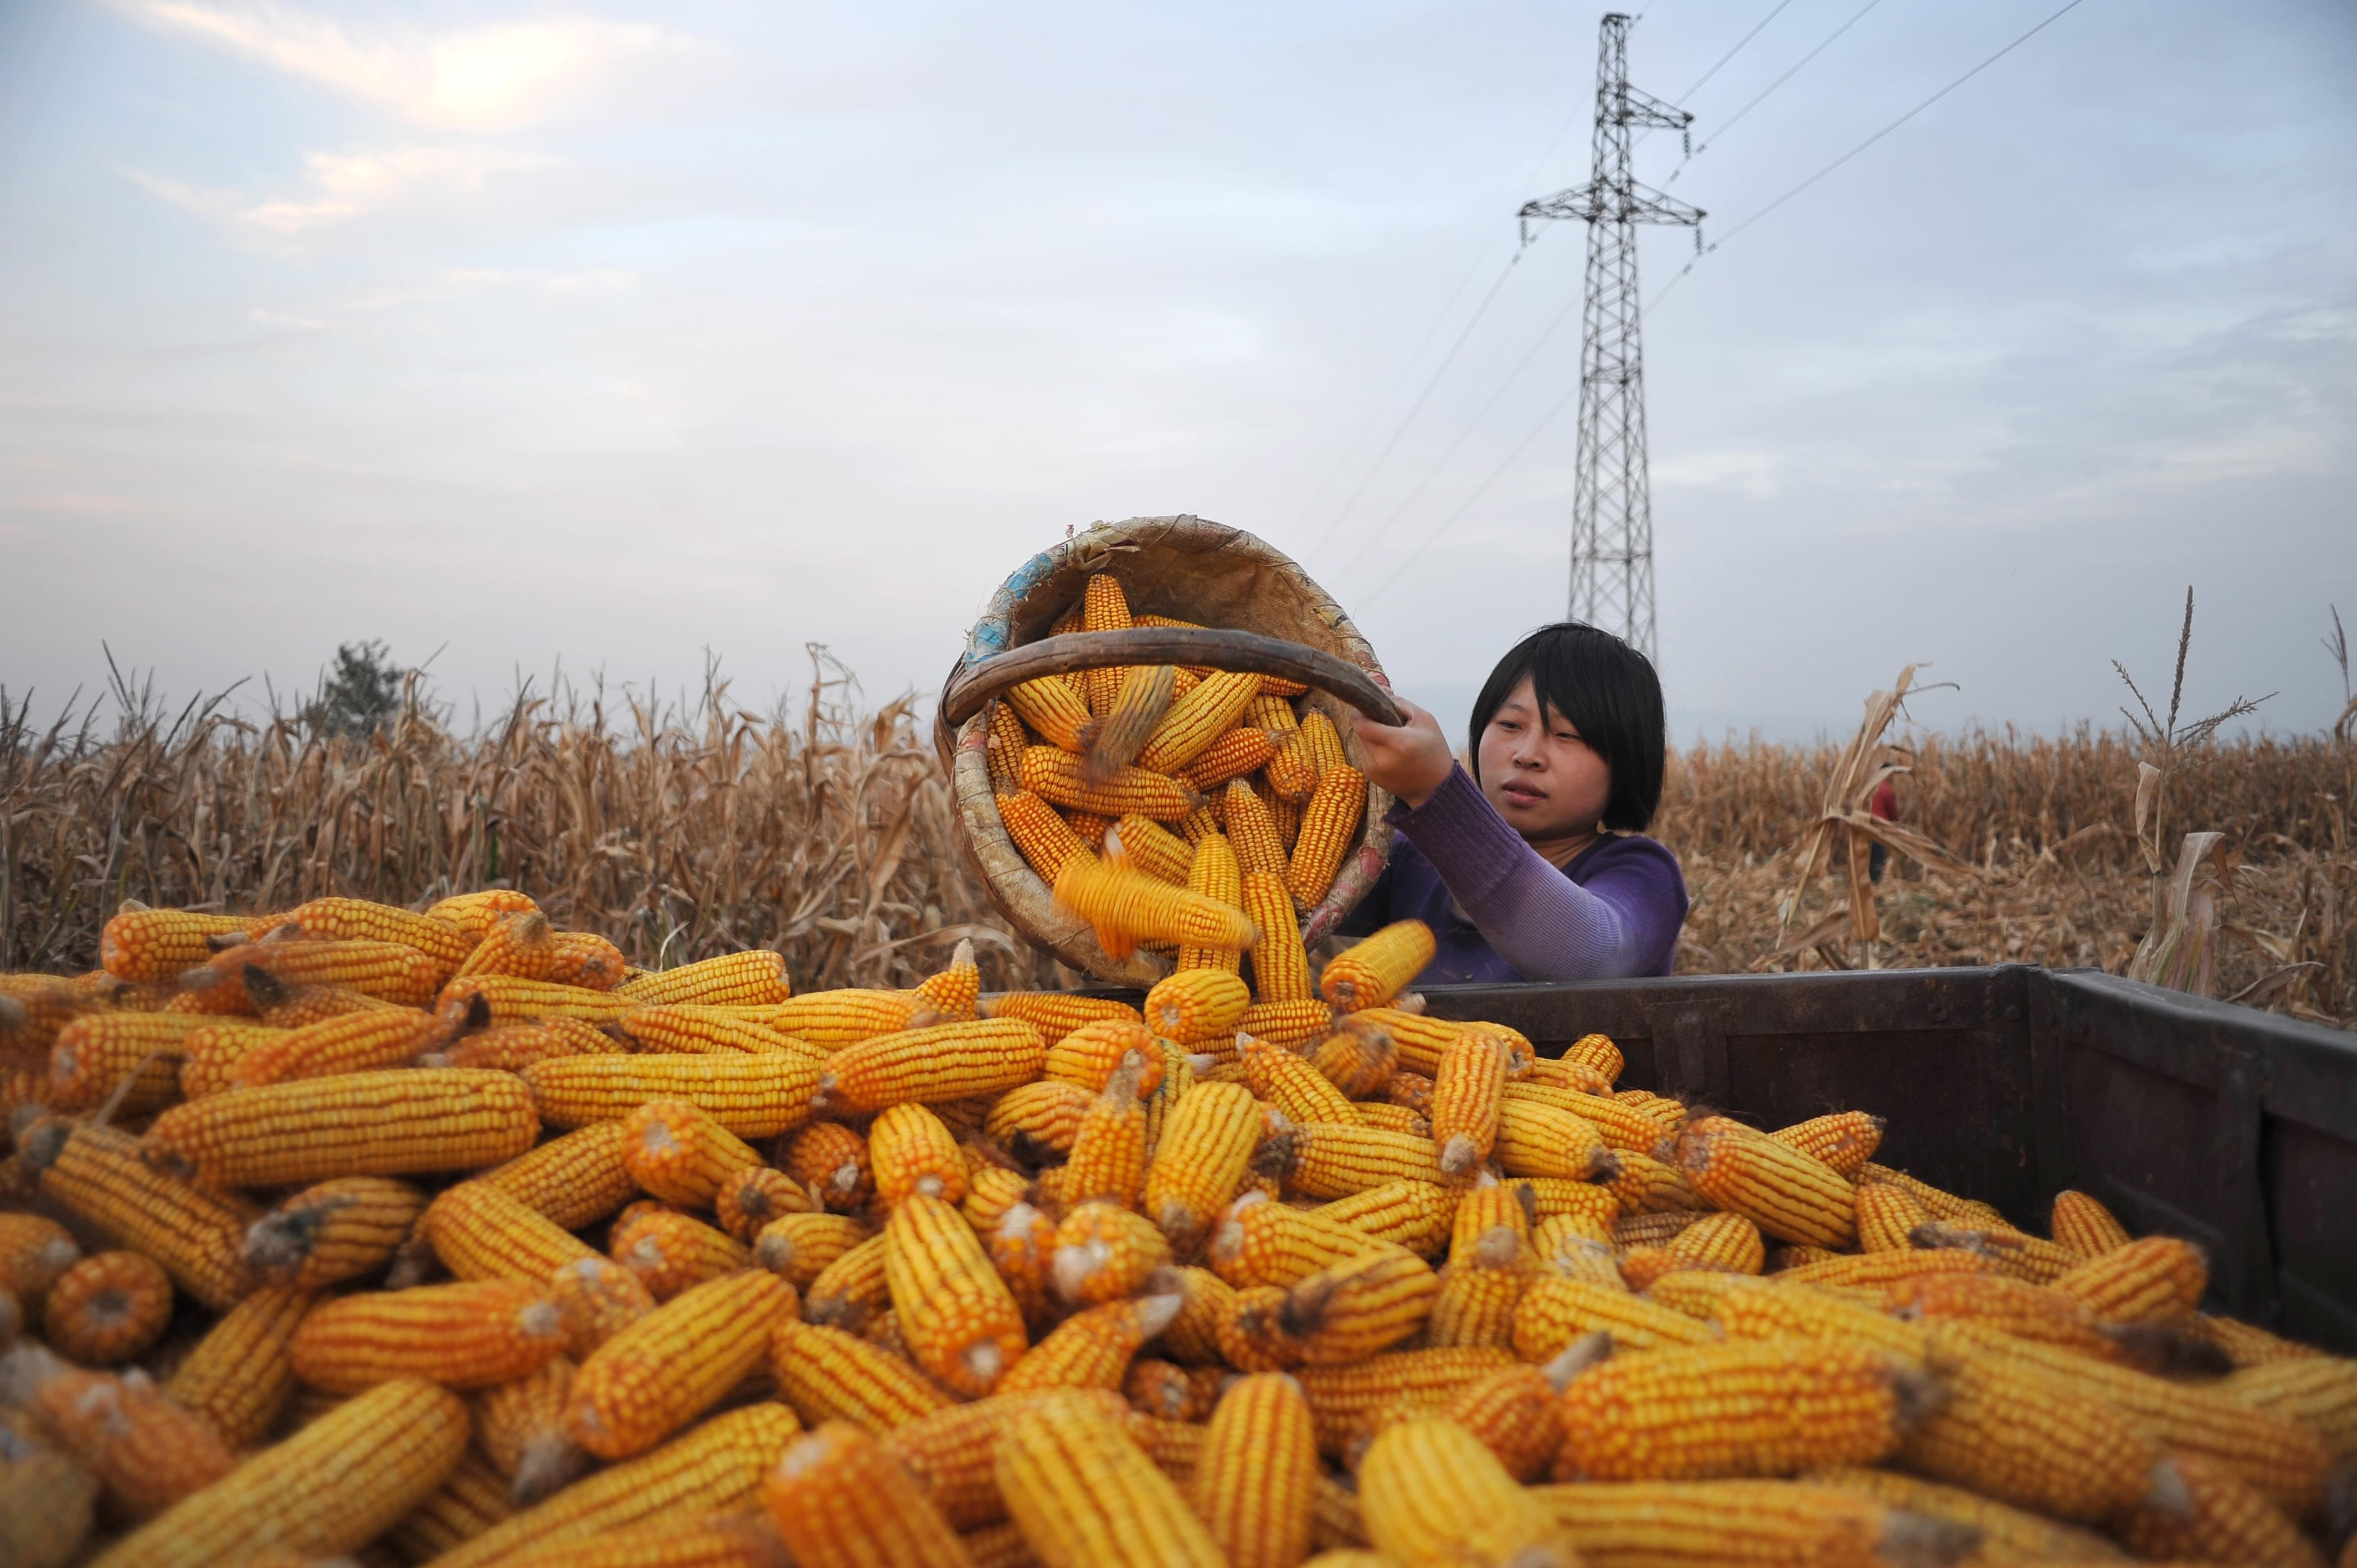 2013年10月1日,山西平陆,一名女孩将收获的玉米装车。 /视觉中国